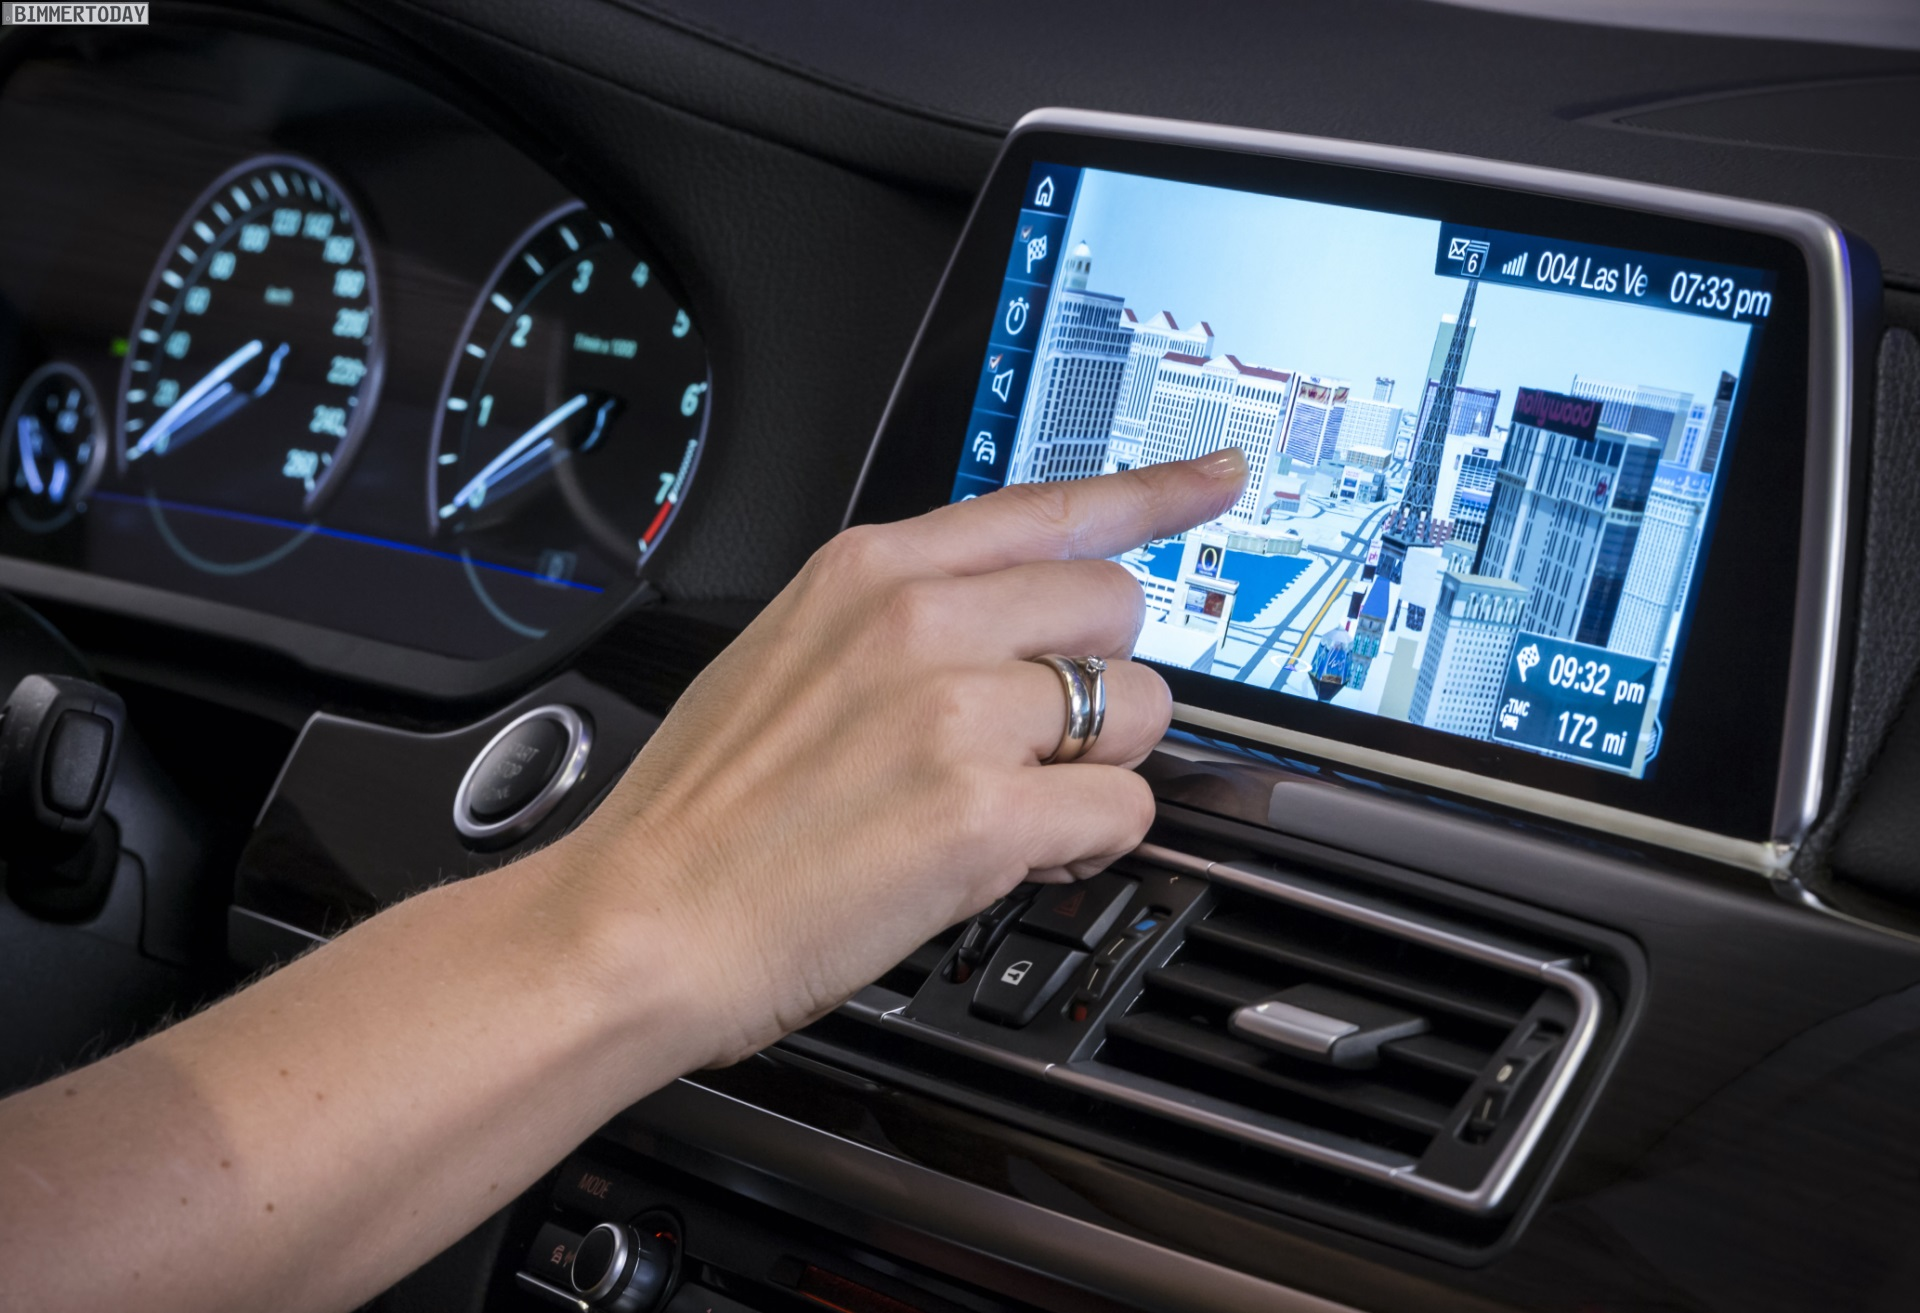 Ces 2015 Bmw Idrive Mit Touchscreen Amp Gestensteuerung